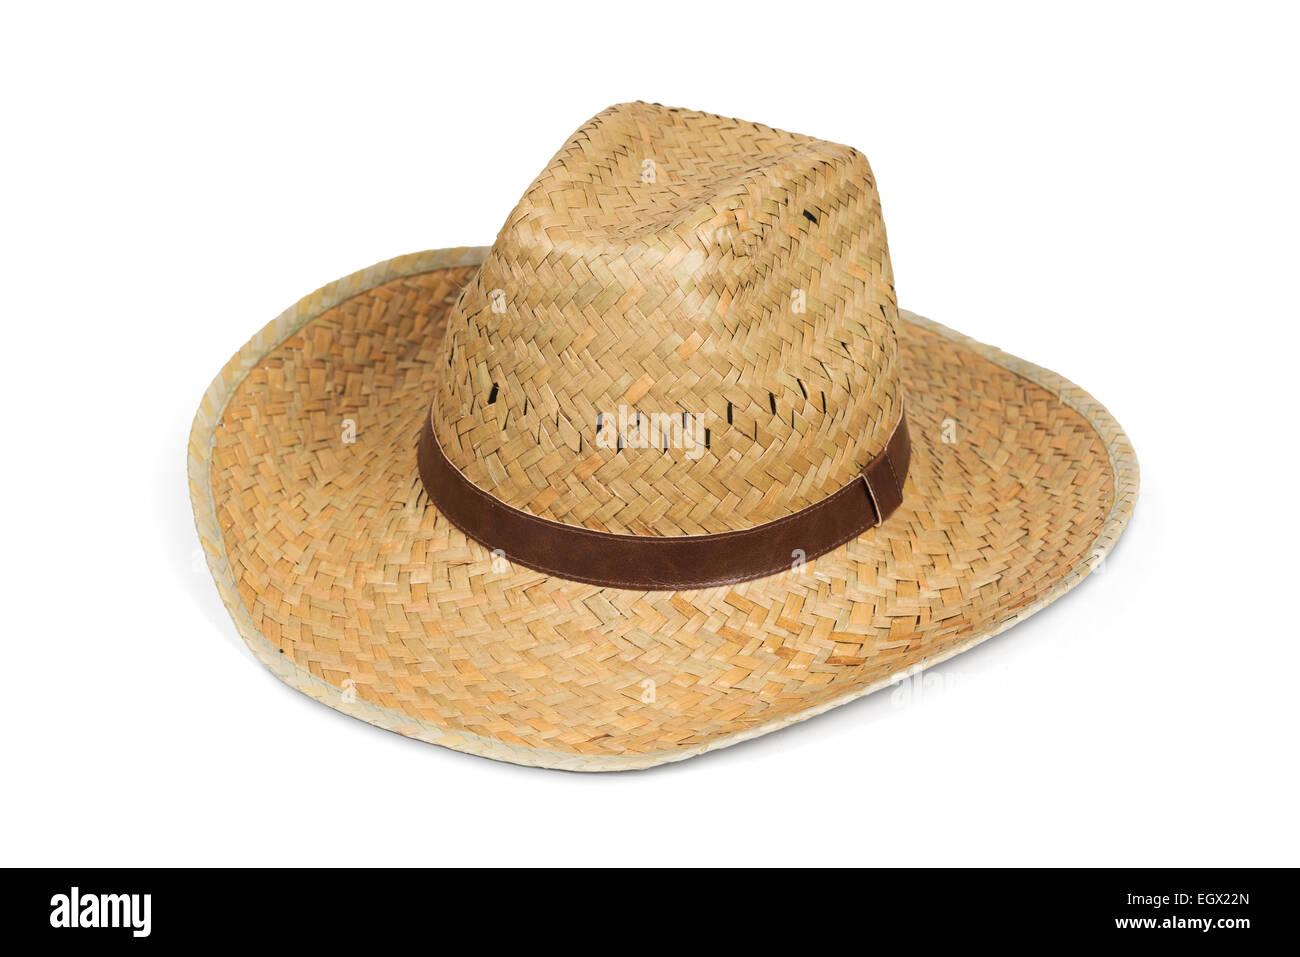 1d69c0fe63f Western Attire Cowboy Wear Stock Photos   Western Attire Cowboy Wear ...